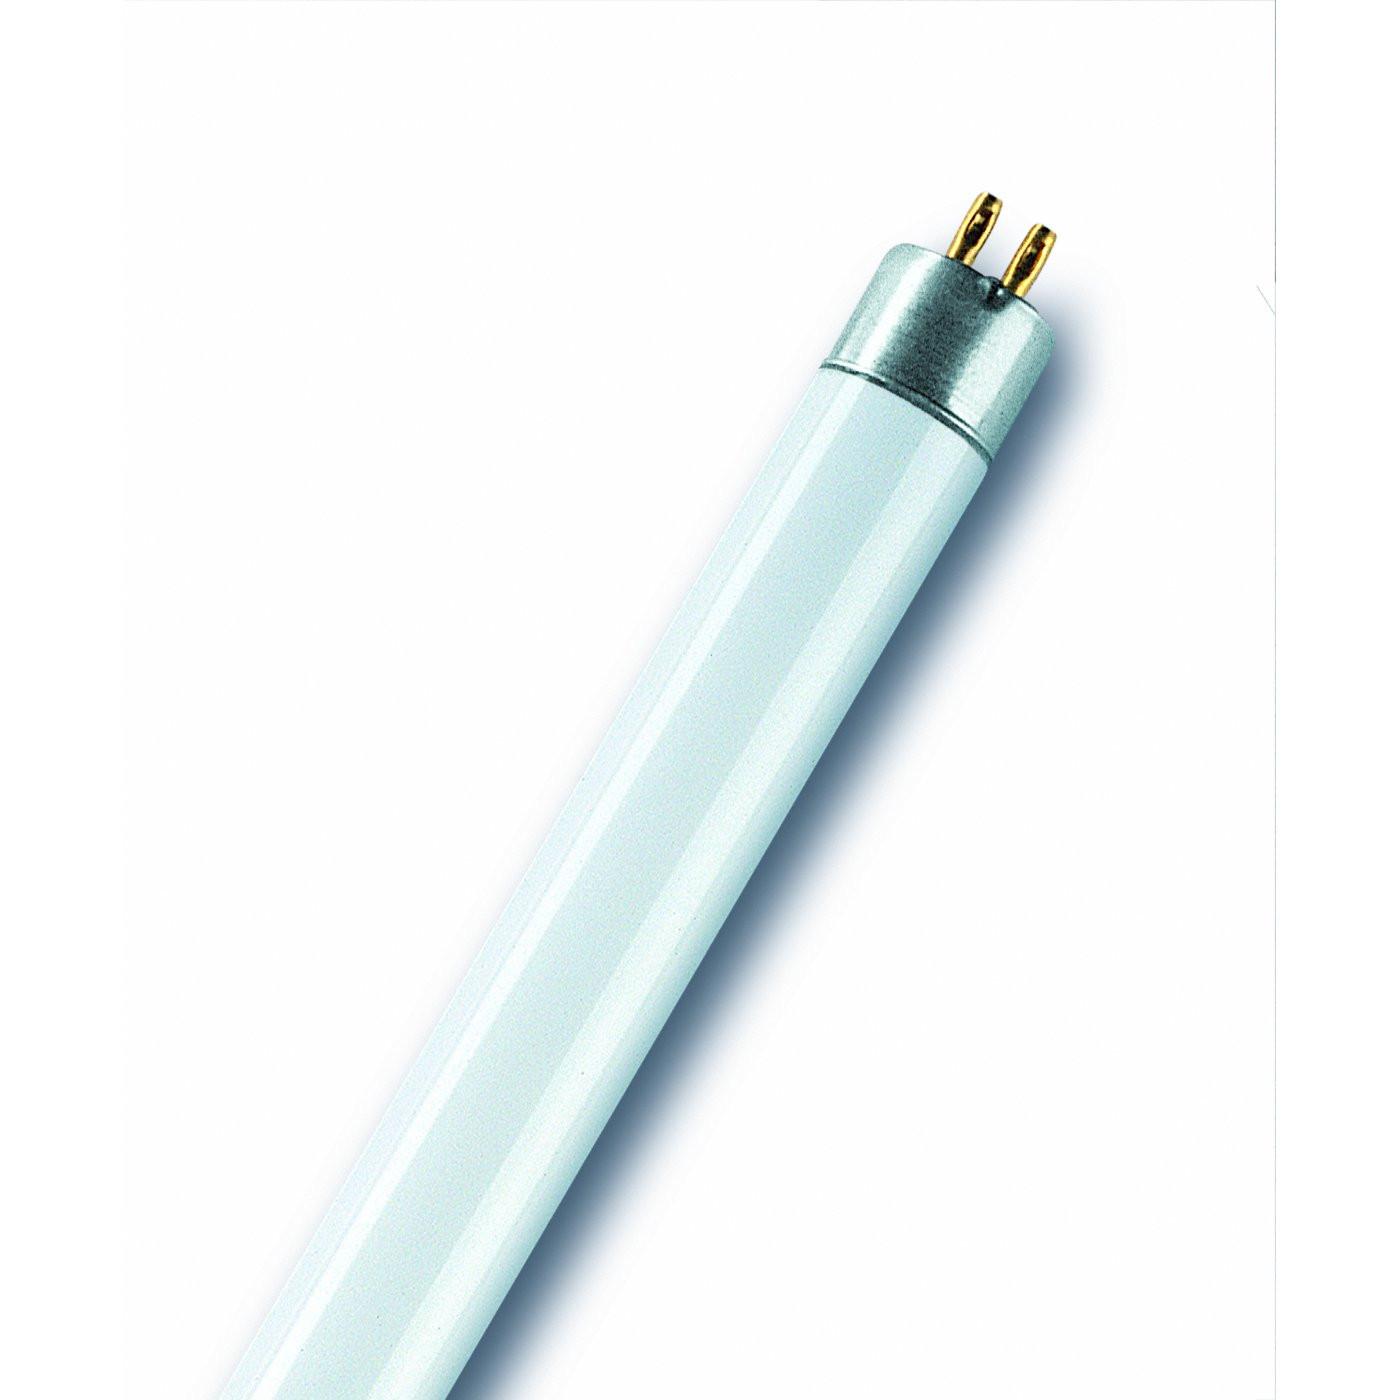 Osram Leuchtstofflampe Röhrenform T16 14W/830 G5 HE hohe Lichtausbeute warmweiß